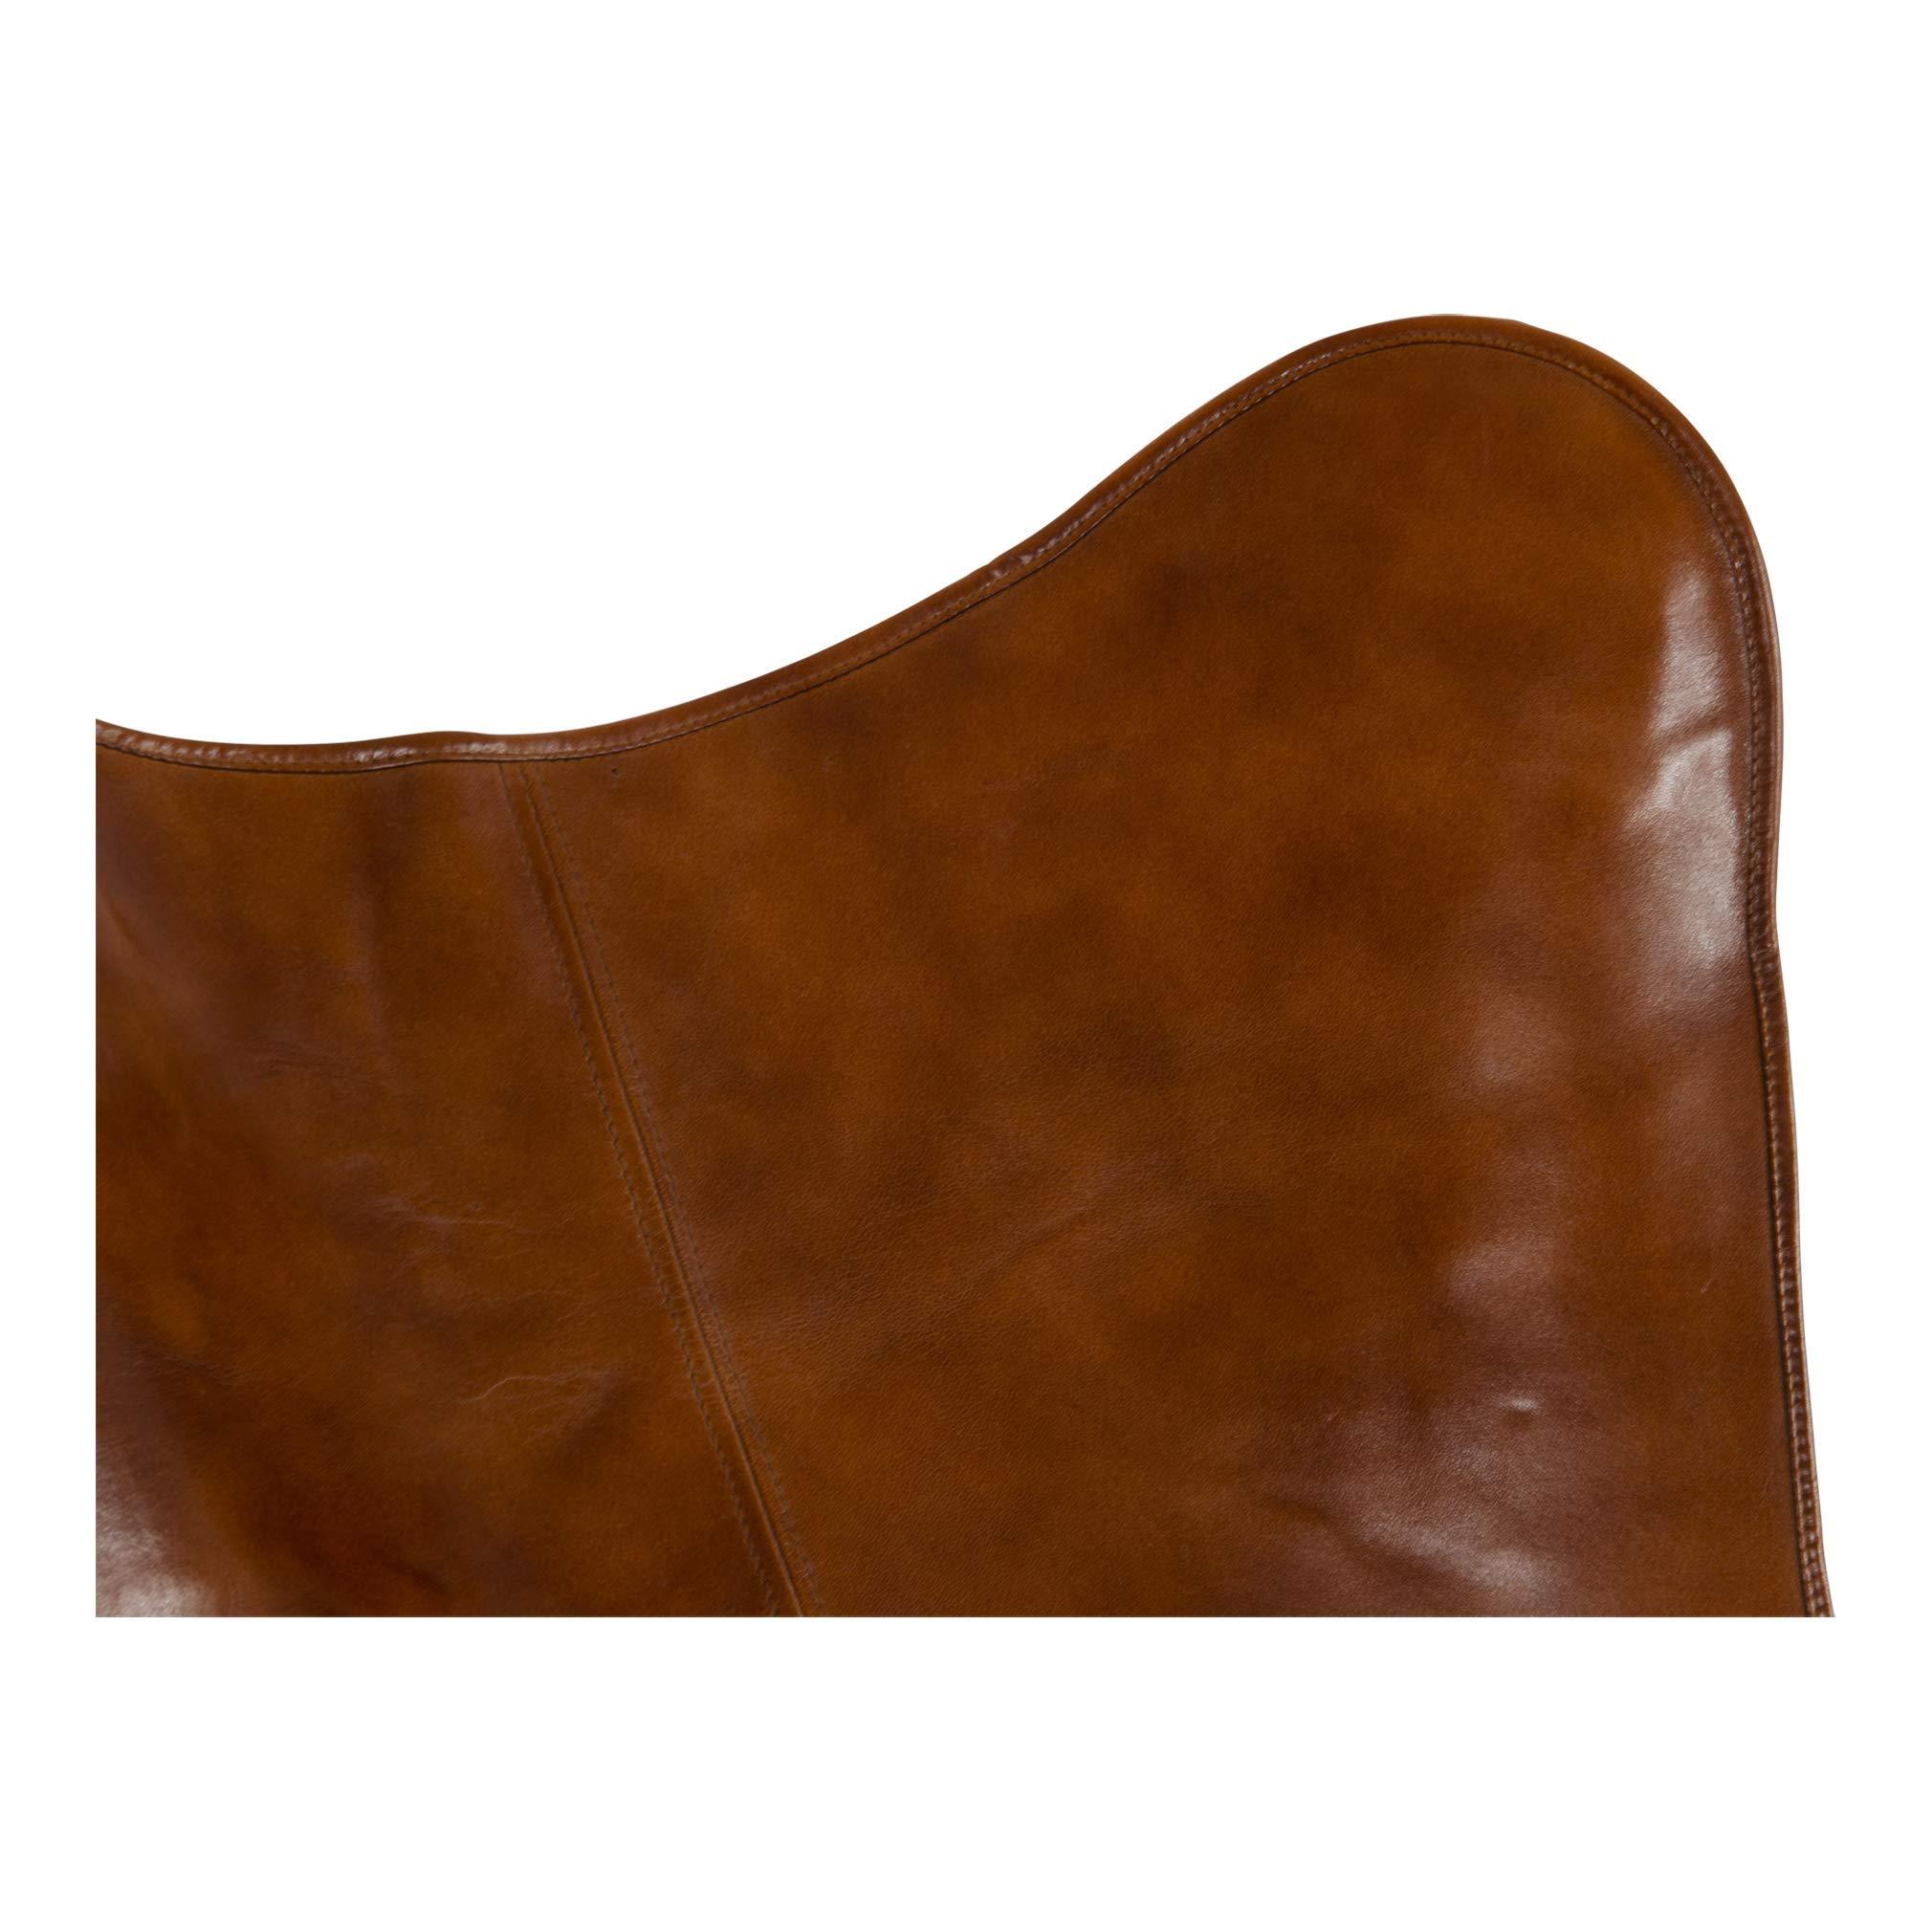 Lesli Living Schmetterlingsstuhl Faltstuhl Butterfly Chair braun 75x75x87 cm Leder